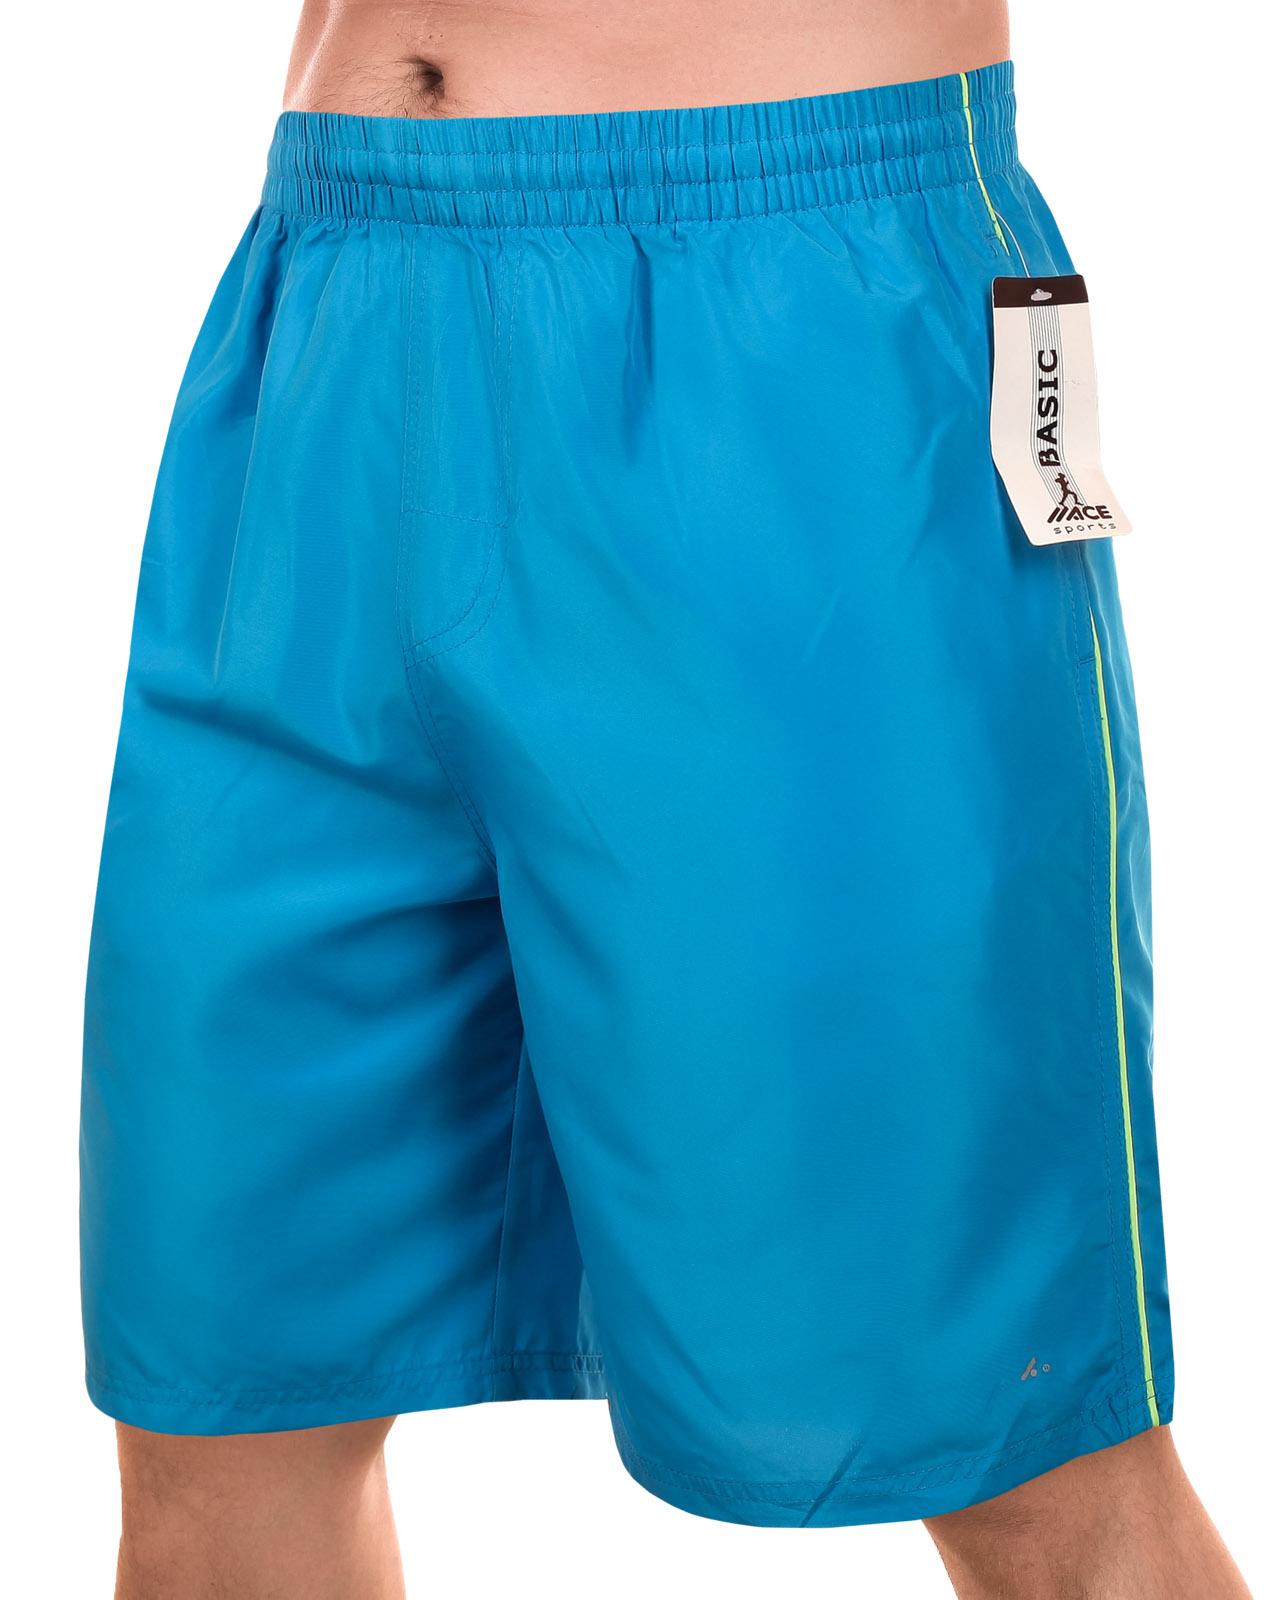 Стильные мужские шорты для пляжа от бренда MACE (Канада)